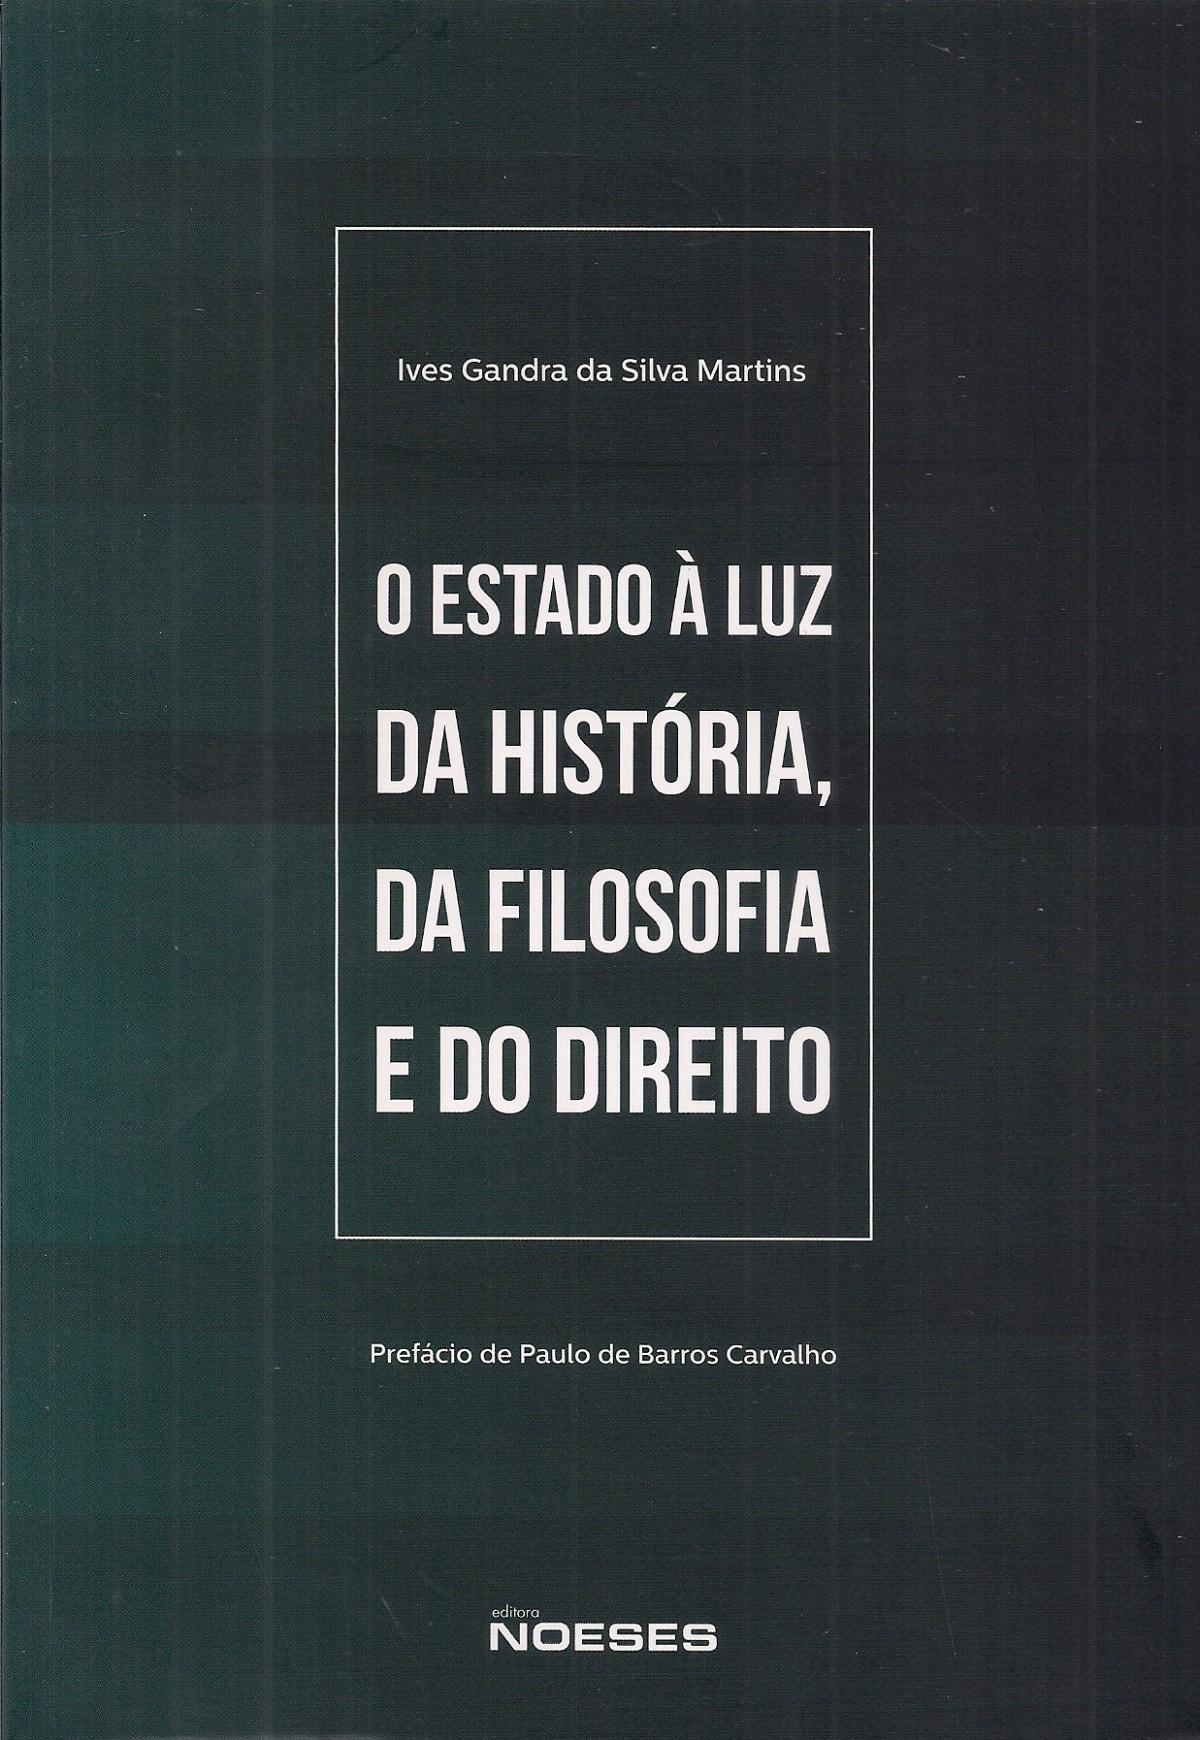 Foto 1 - O Estado à Luz da História, da Filosofia e do Direito